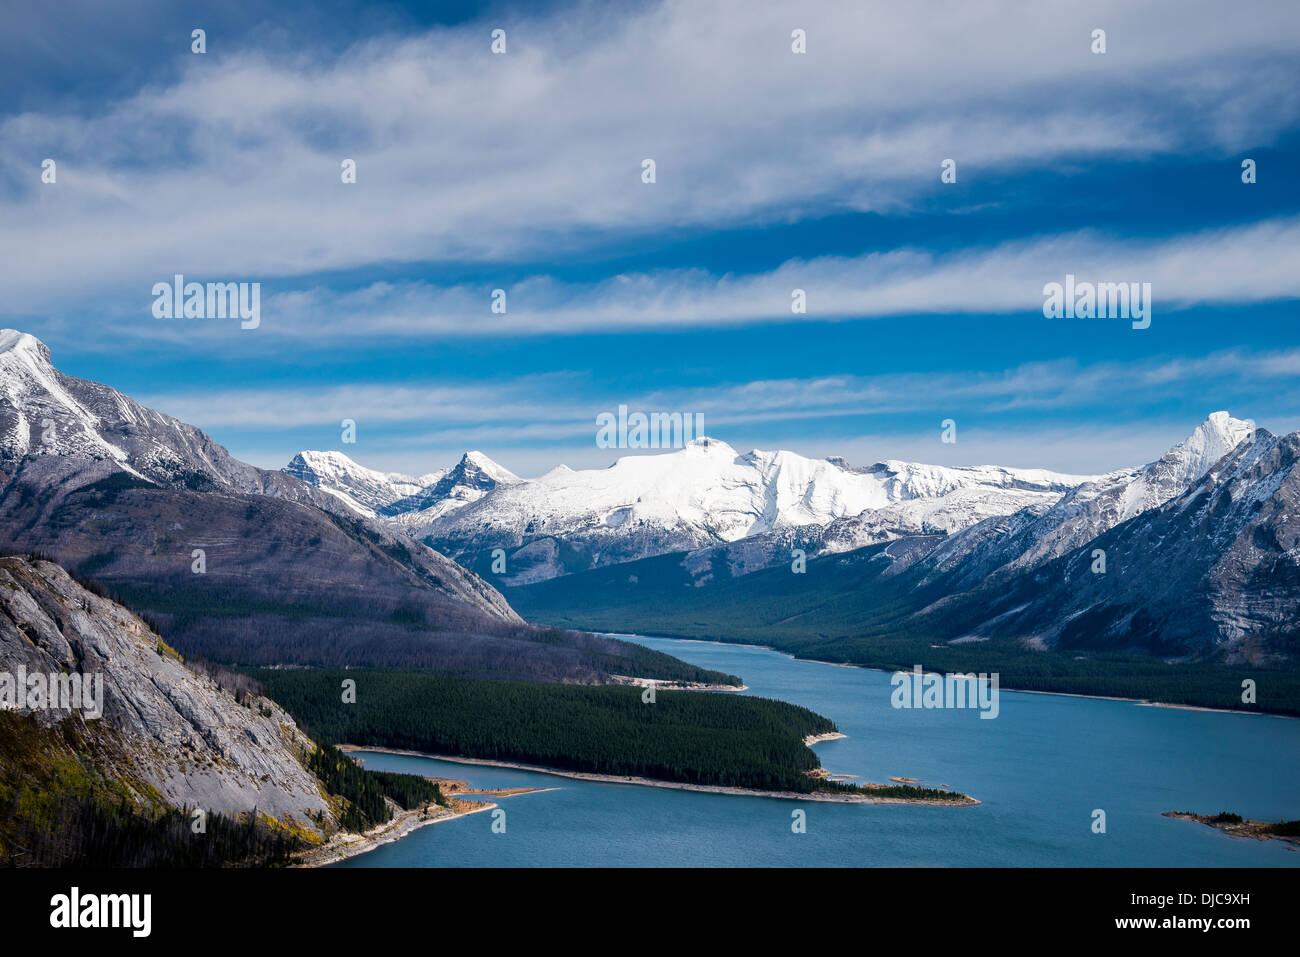 Vista aérea de la pulverización, Lagos, Kananaskis, Alberta, Canadá Imagen De Stock